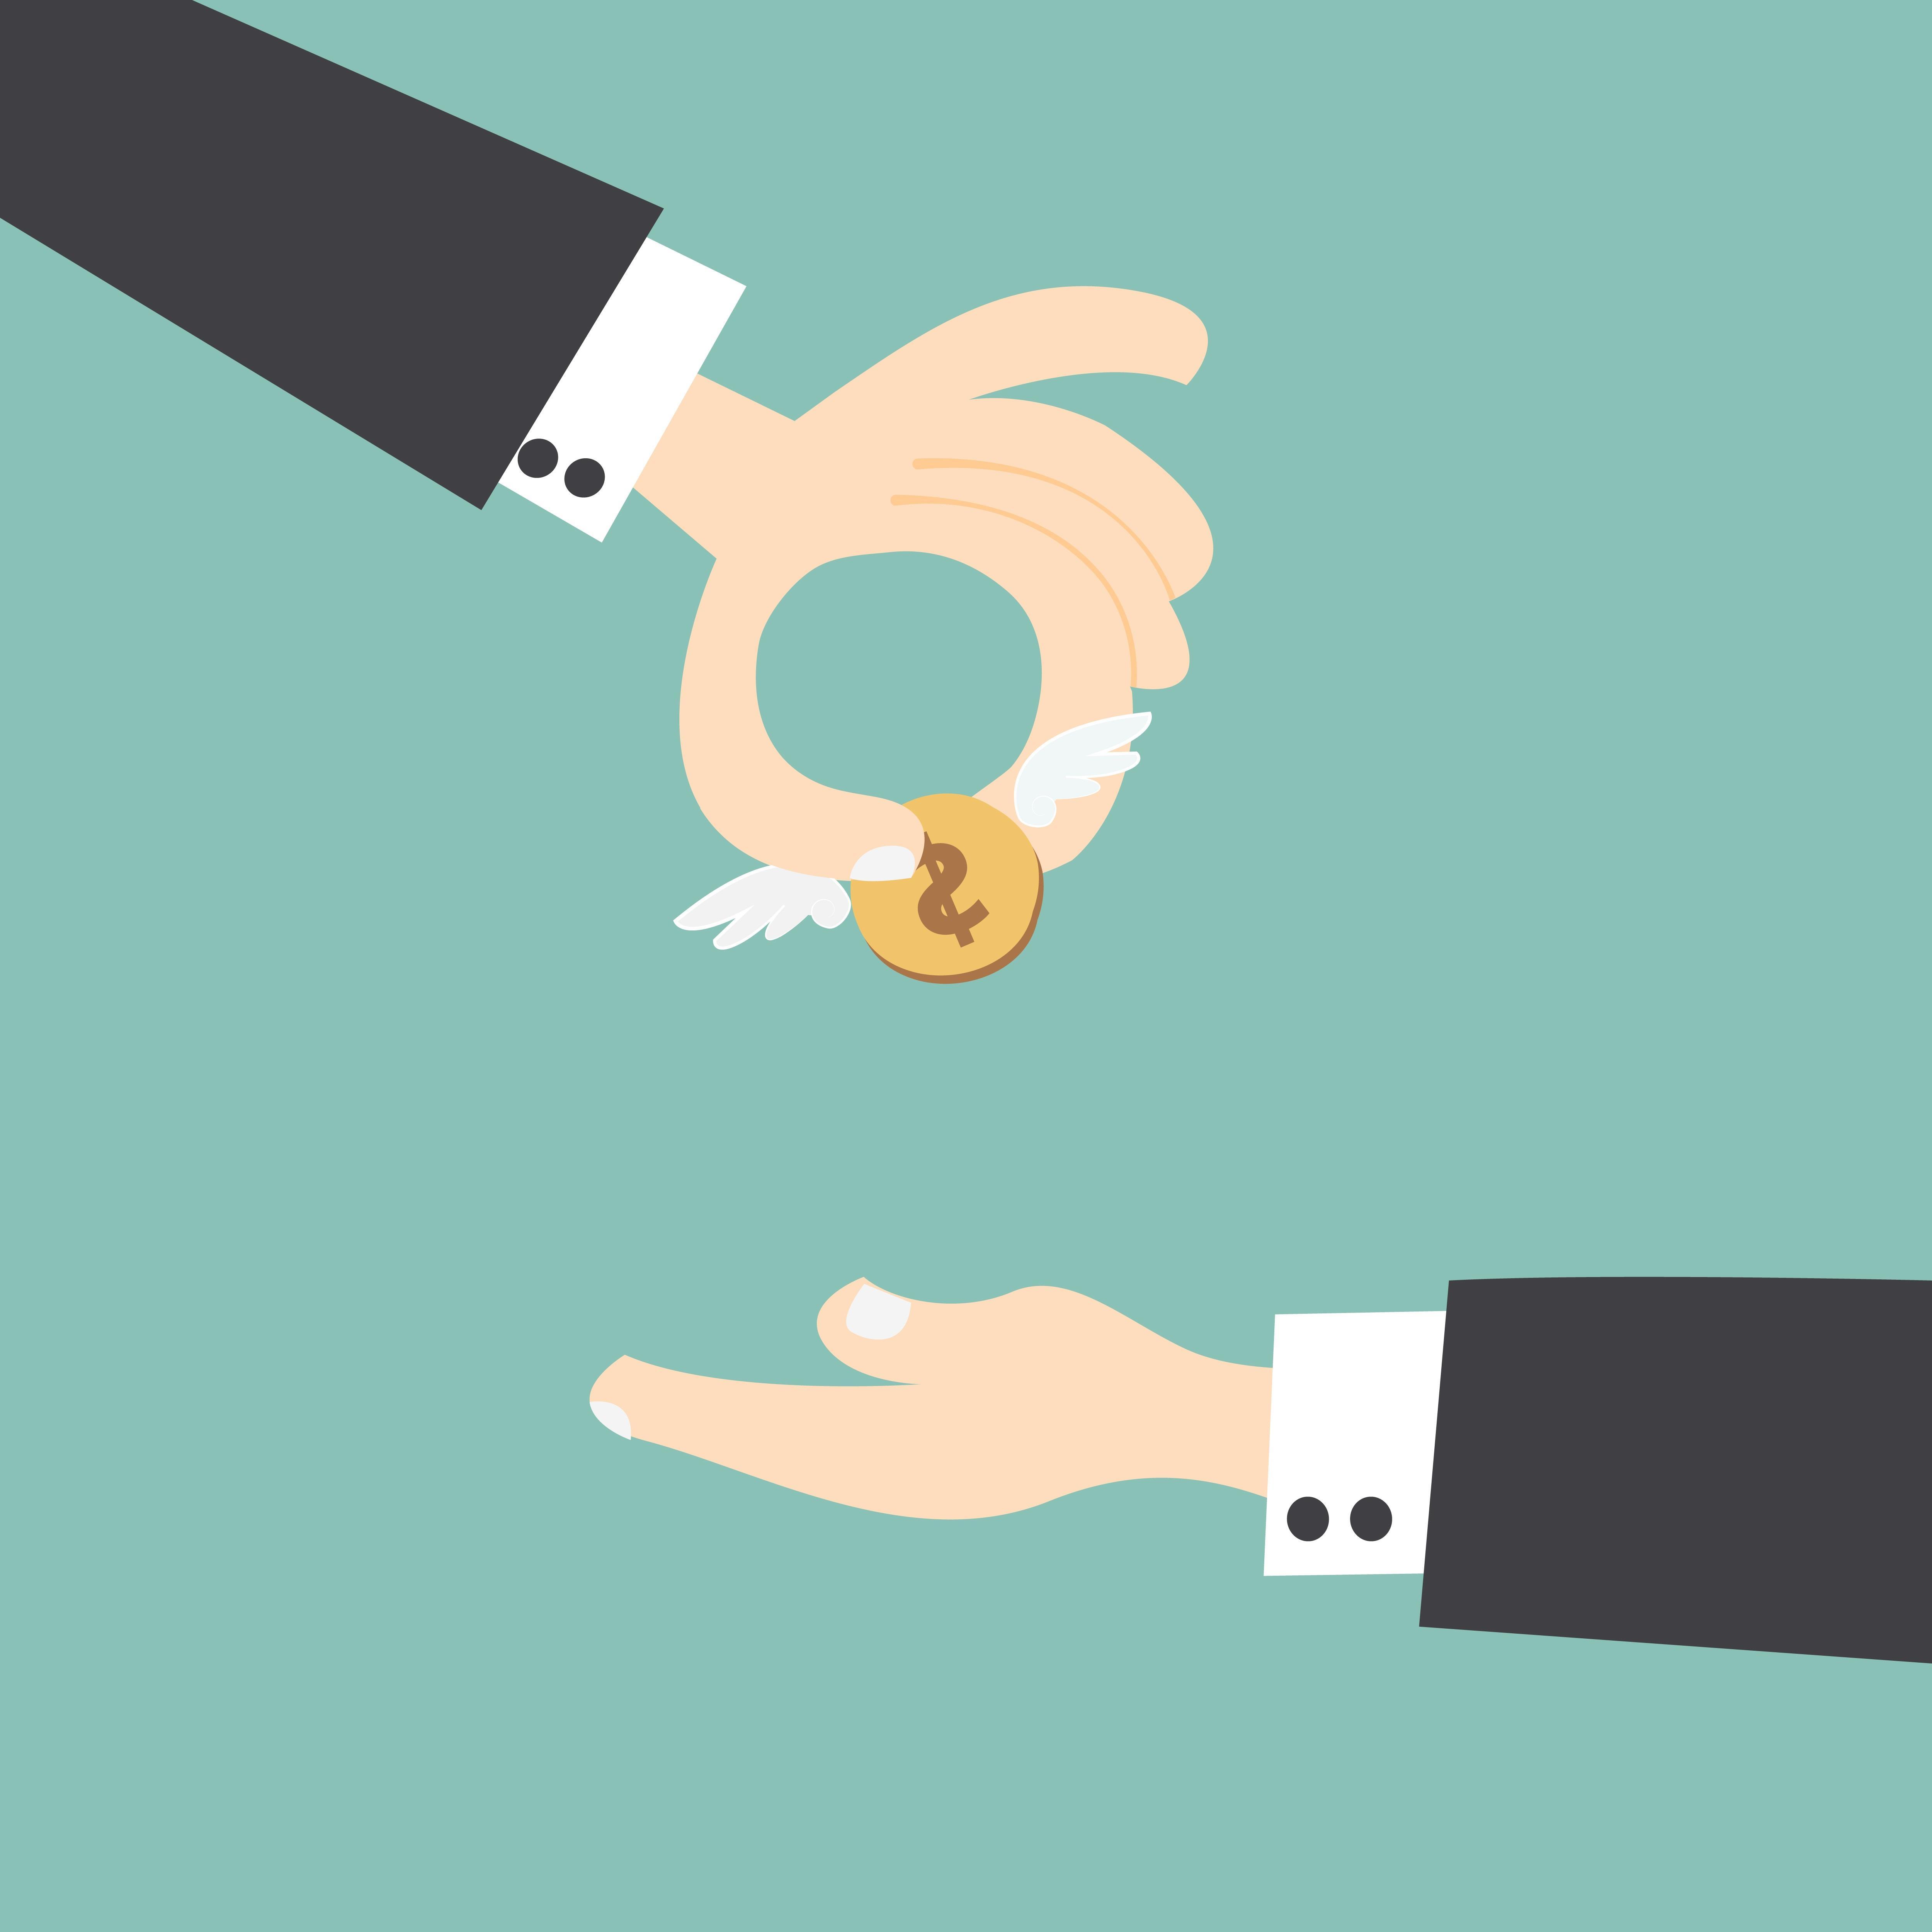 Ngày 18/1: Khối ngoại trên HOSE mua ròng phiên thứ 17 liên tiếp, đạt 429 tỷ đồng